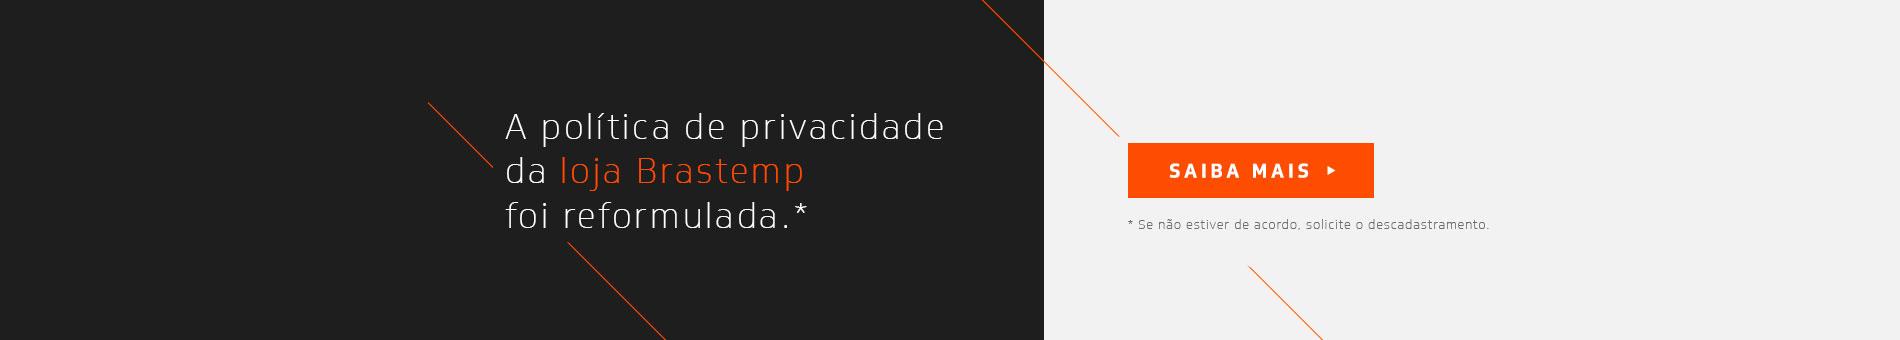 Promoção Interna - 2275 - brastemp_politicaprivacidade_2052018_home7 - politicaprivacidade - 7